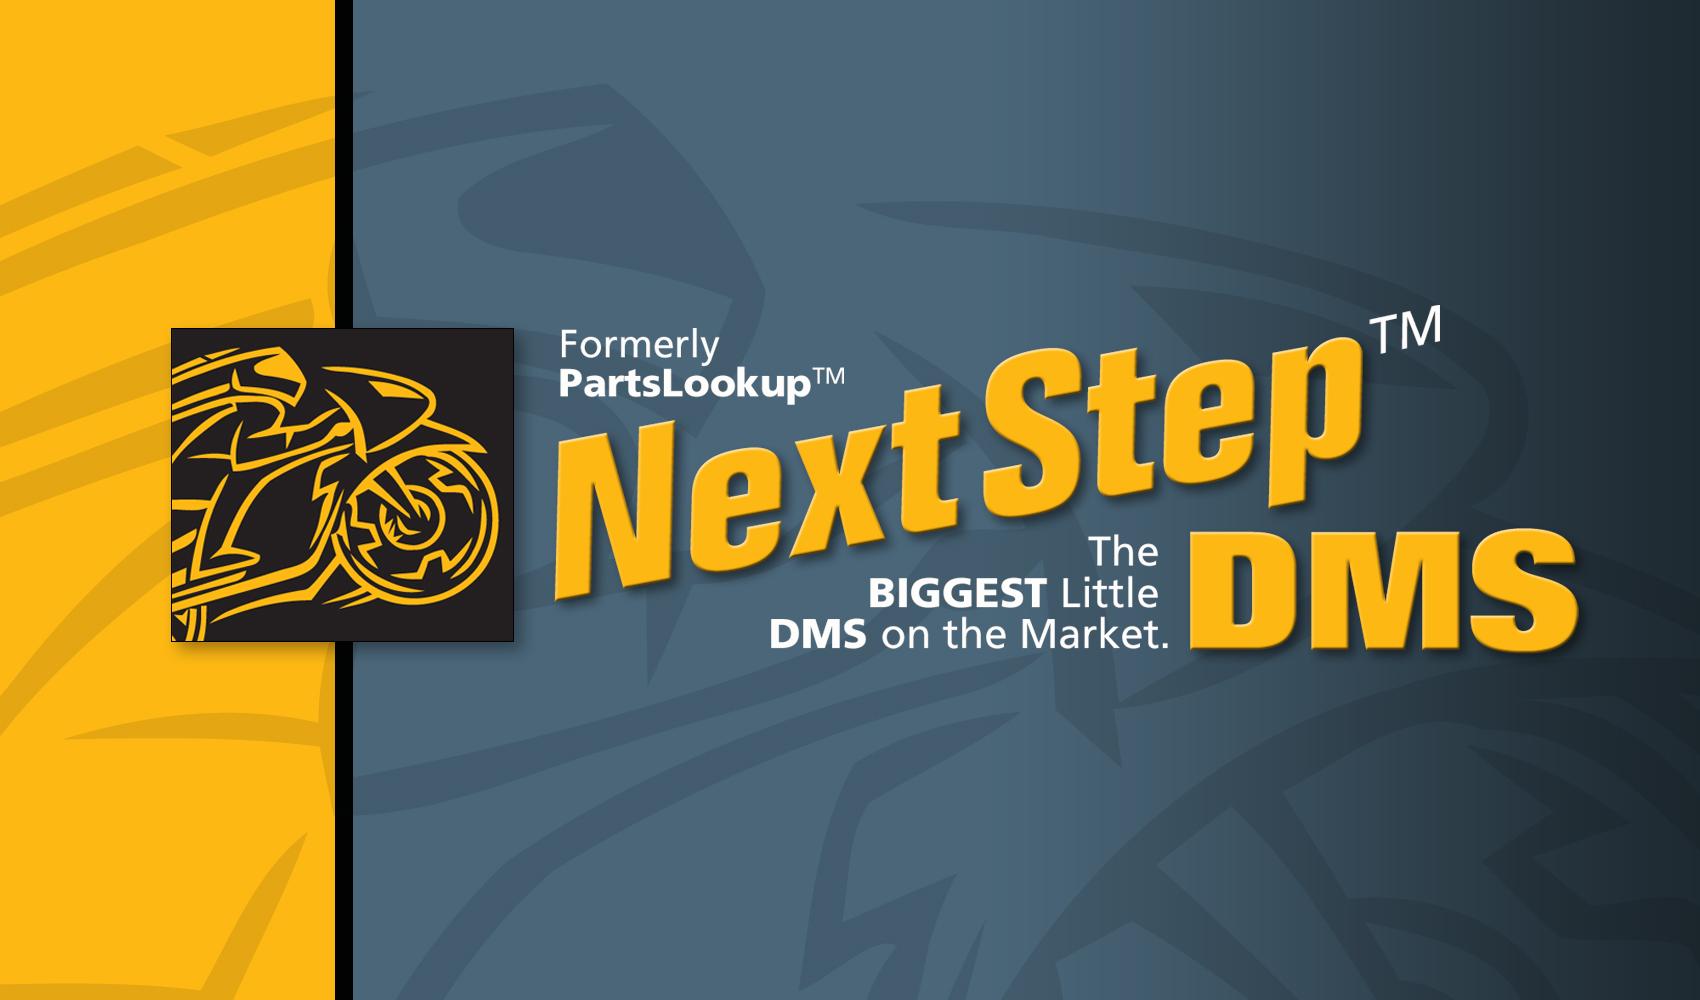 NextStepDMS - Logo Image